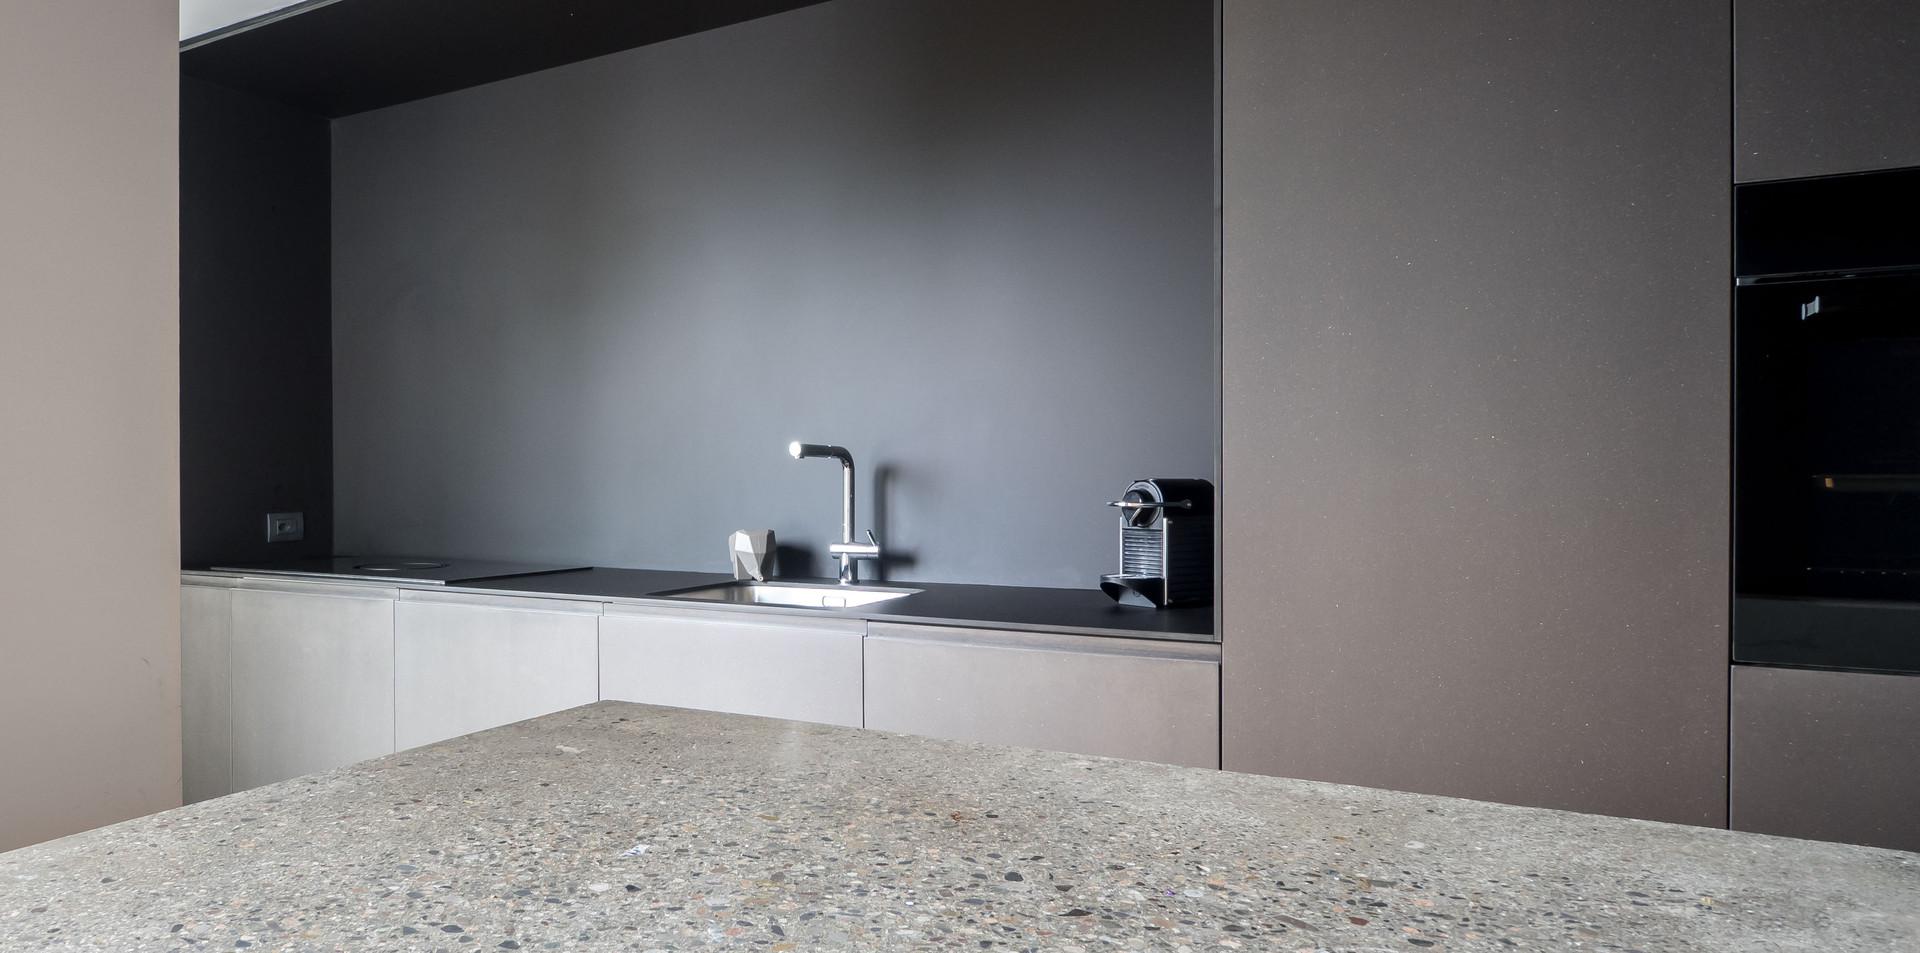 Cucina in stile contemporaneo con toni di grigio